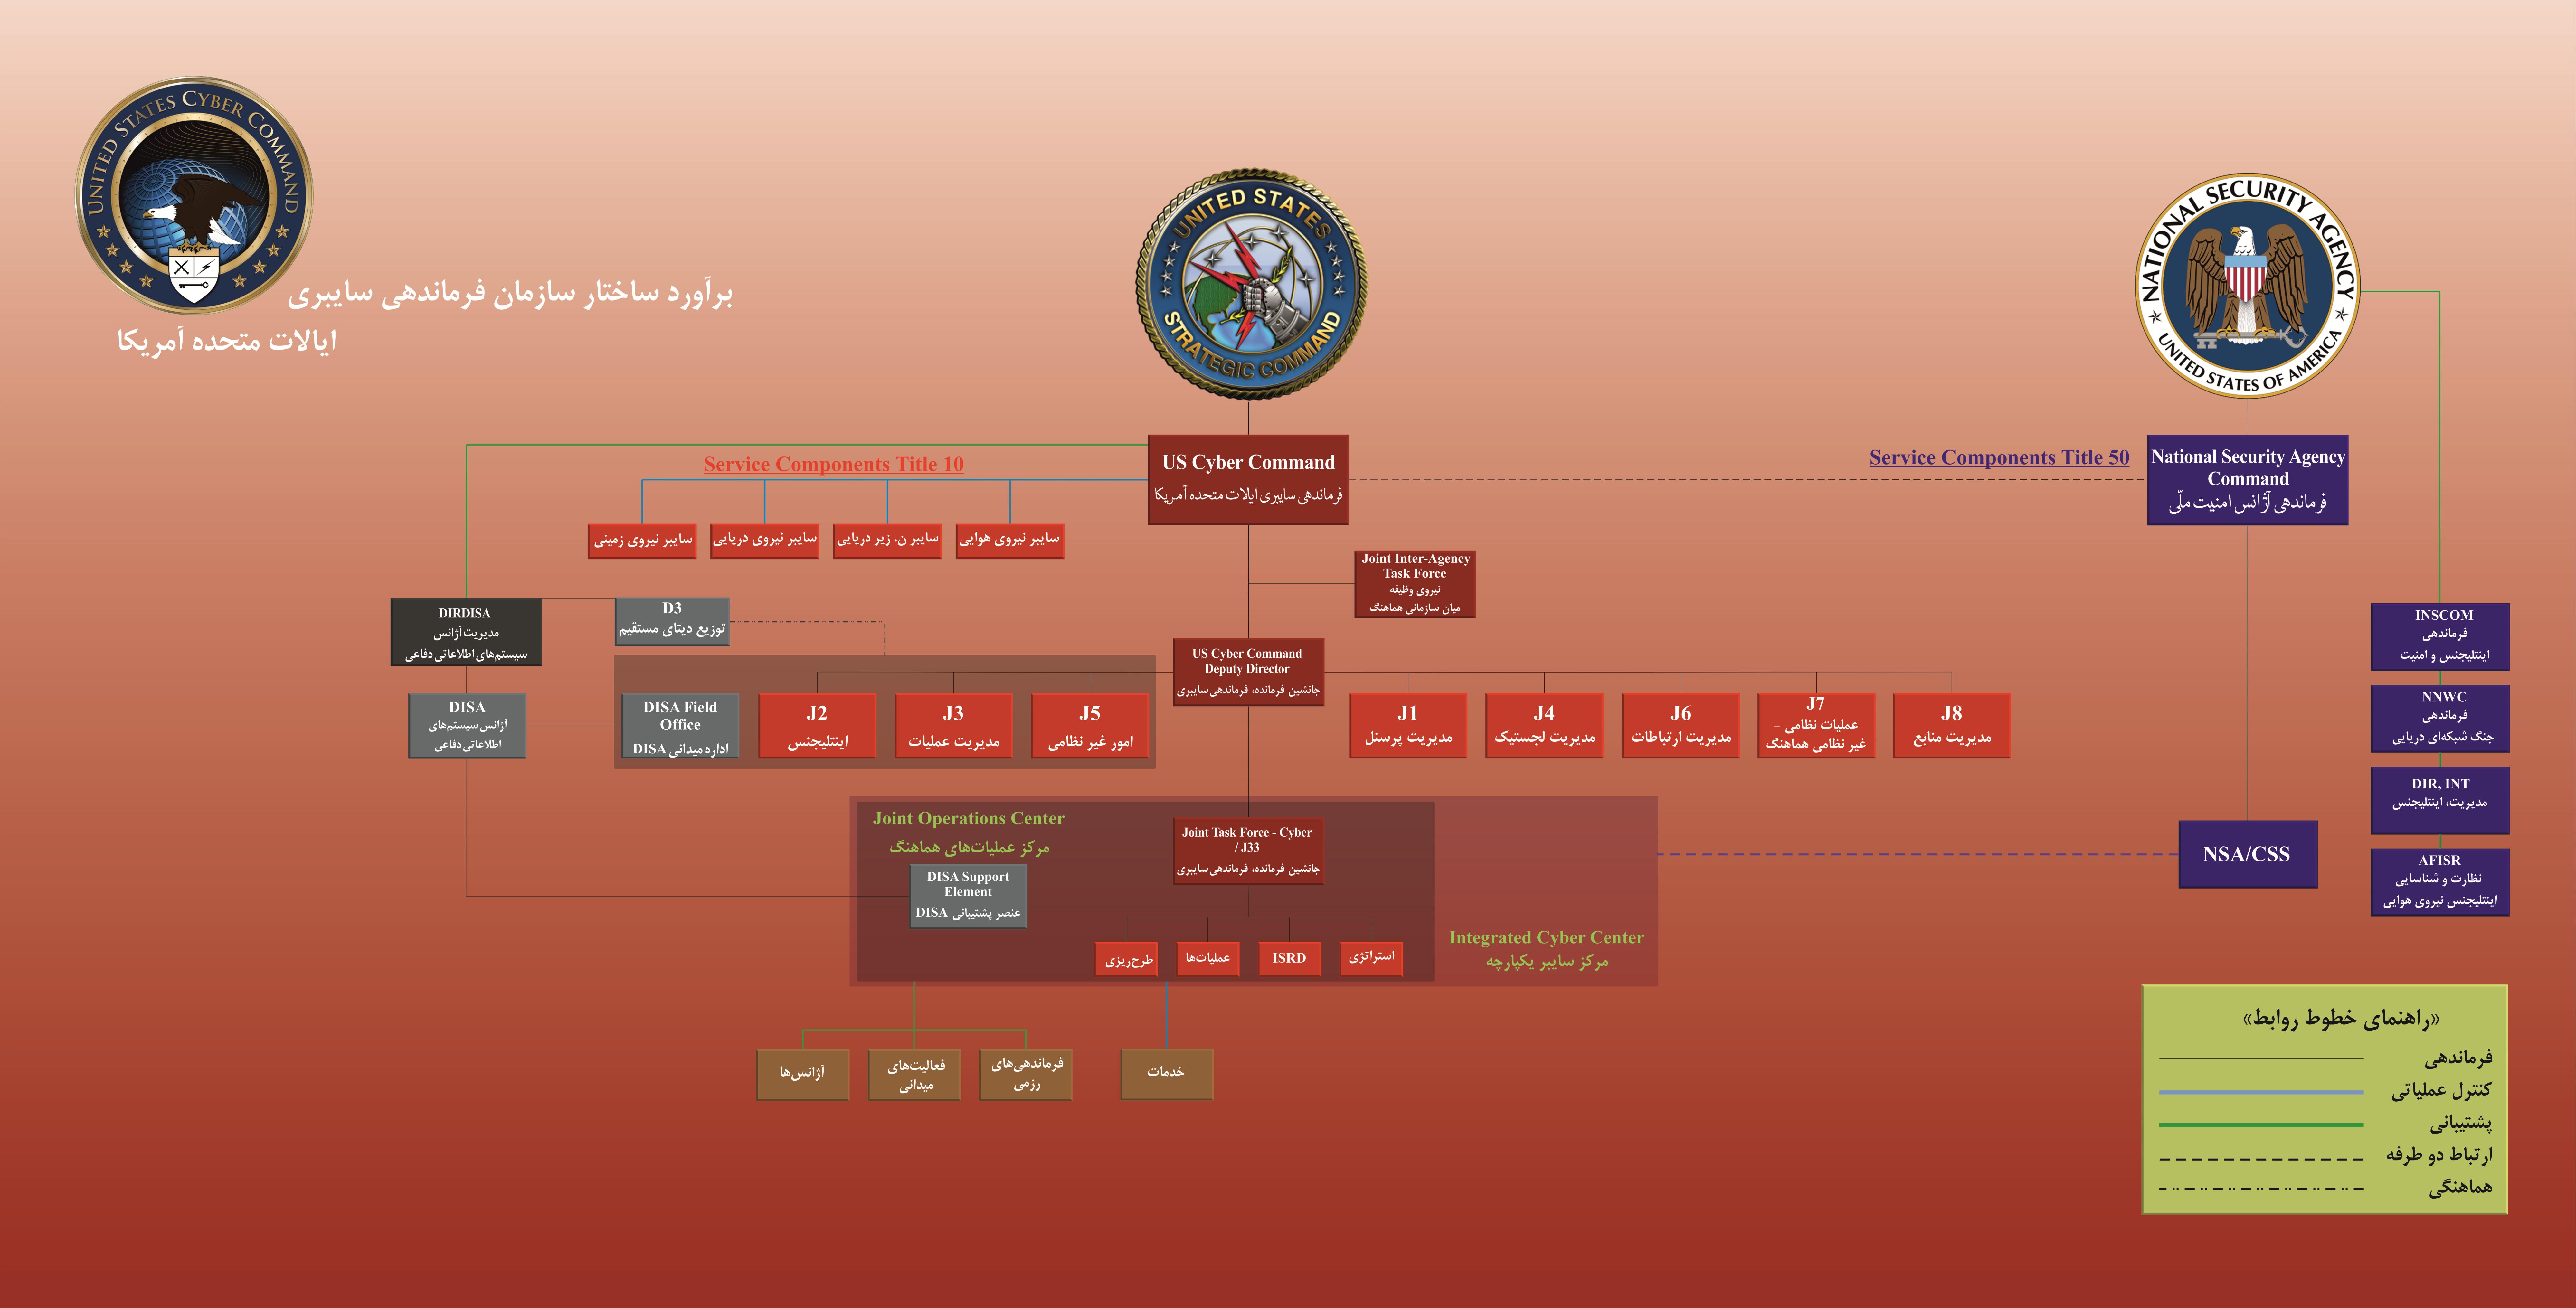 برآورد ساختار سازمان فرماندهی سایبری آمریکا